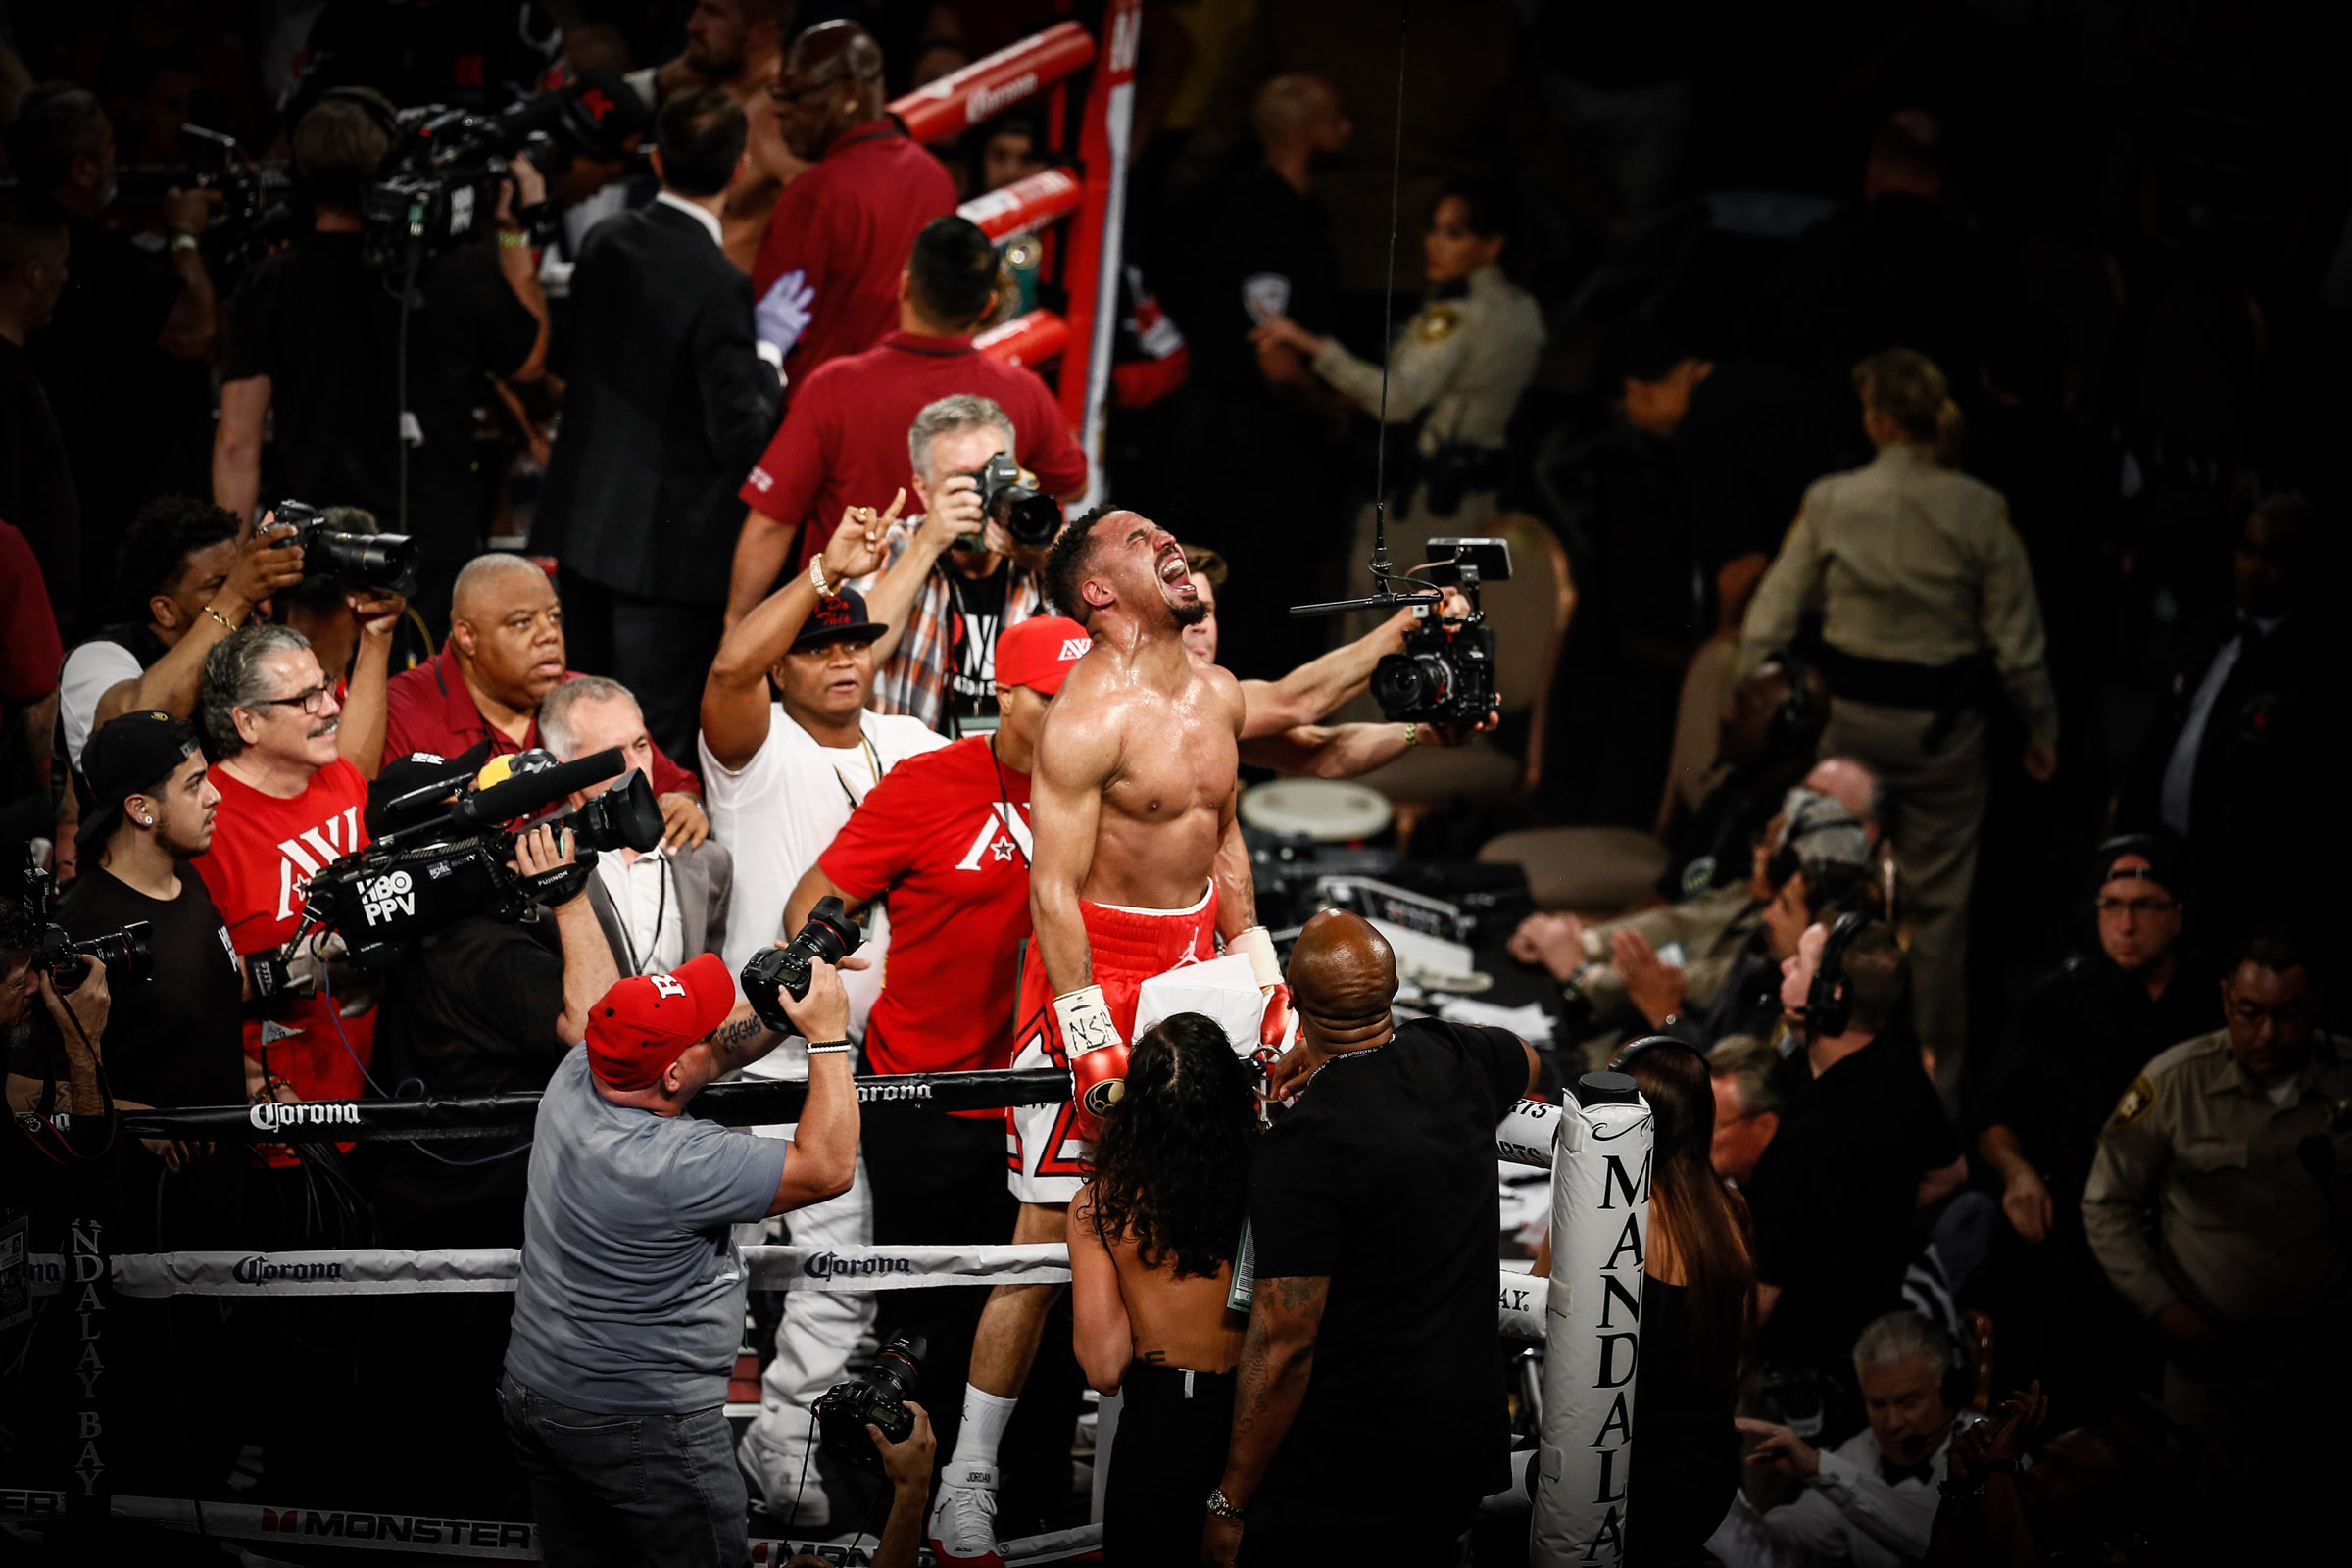 LR_WARD VS KOVALEV-FIGHT NIGHT-TRAPPFOTOS-06172017-8928.jpg